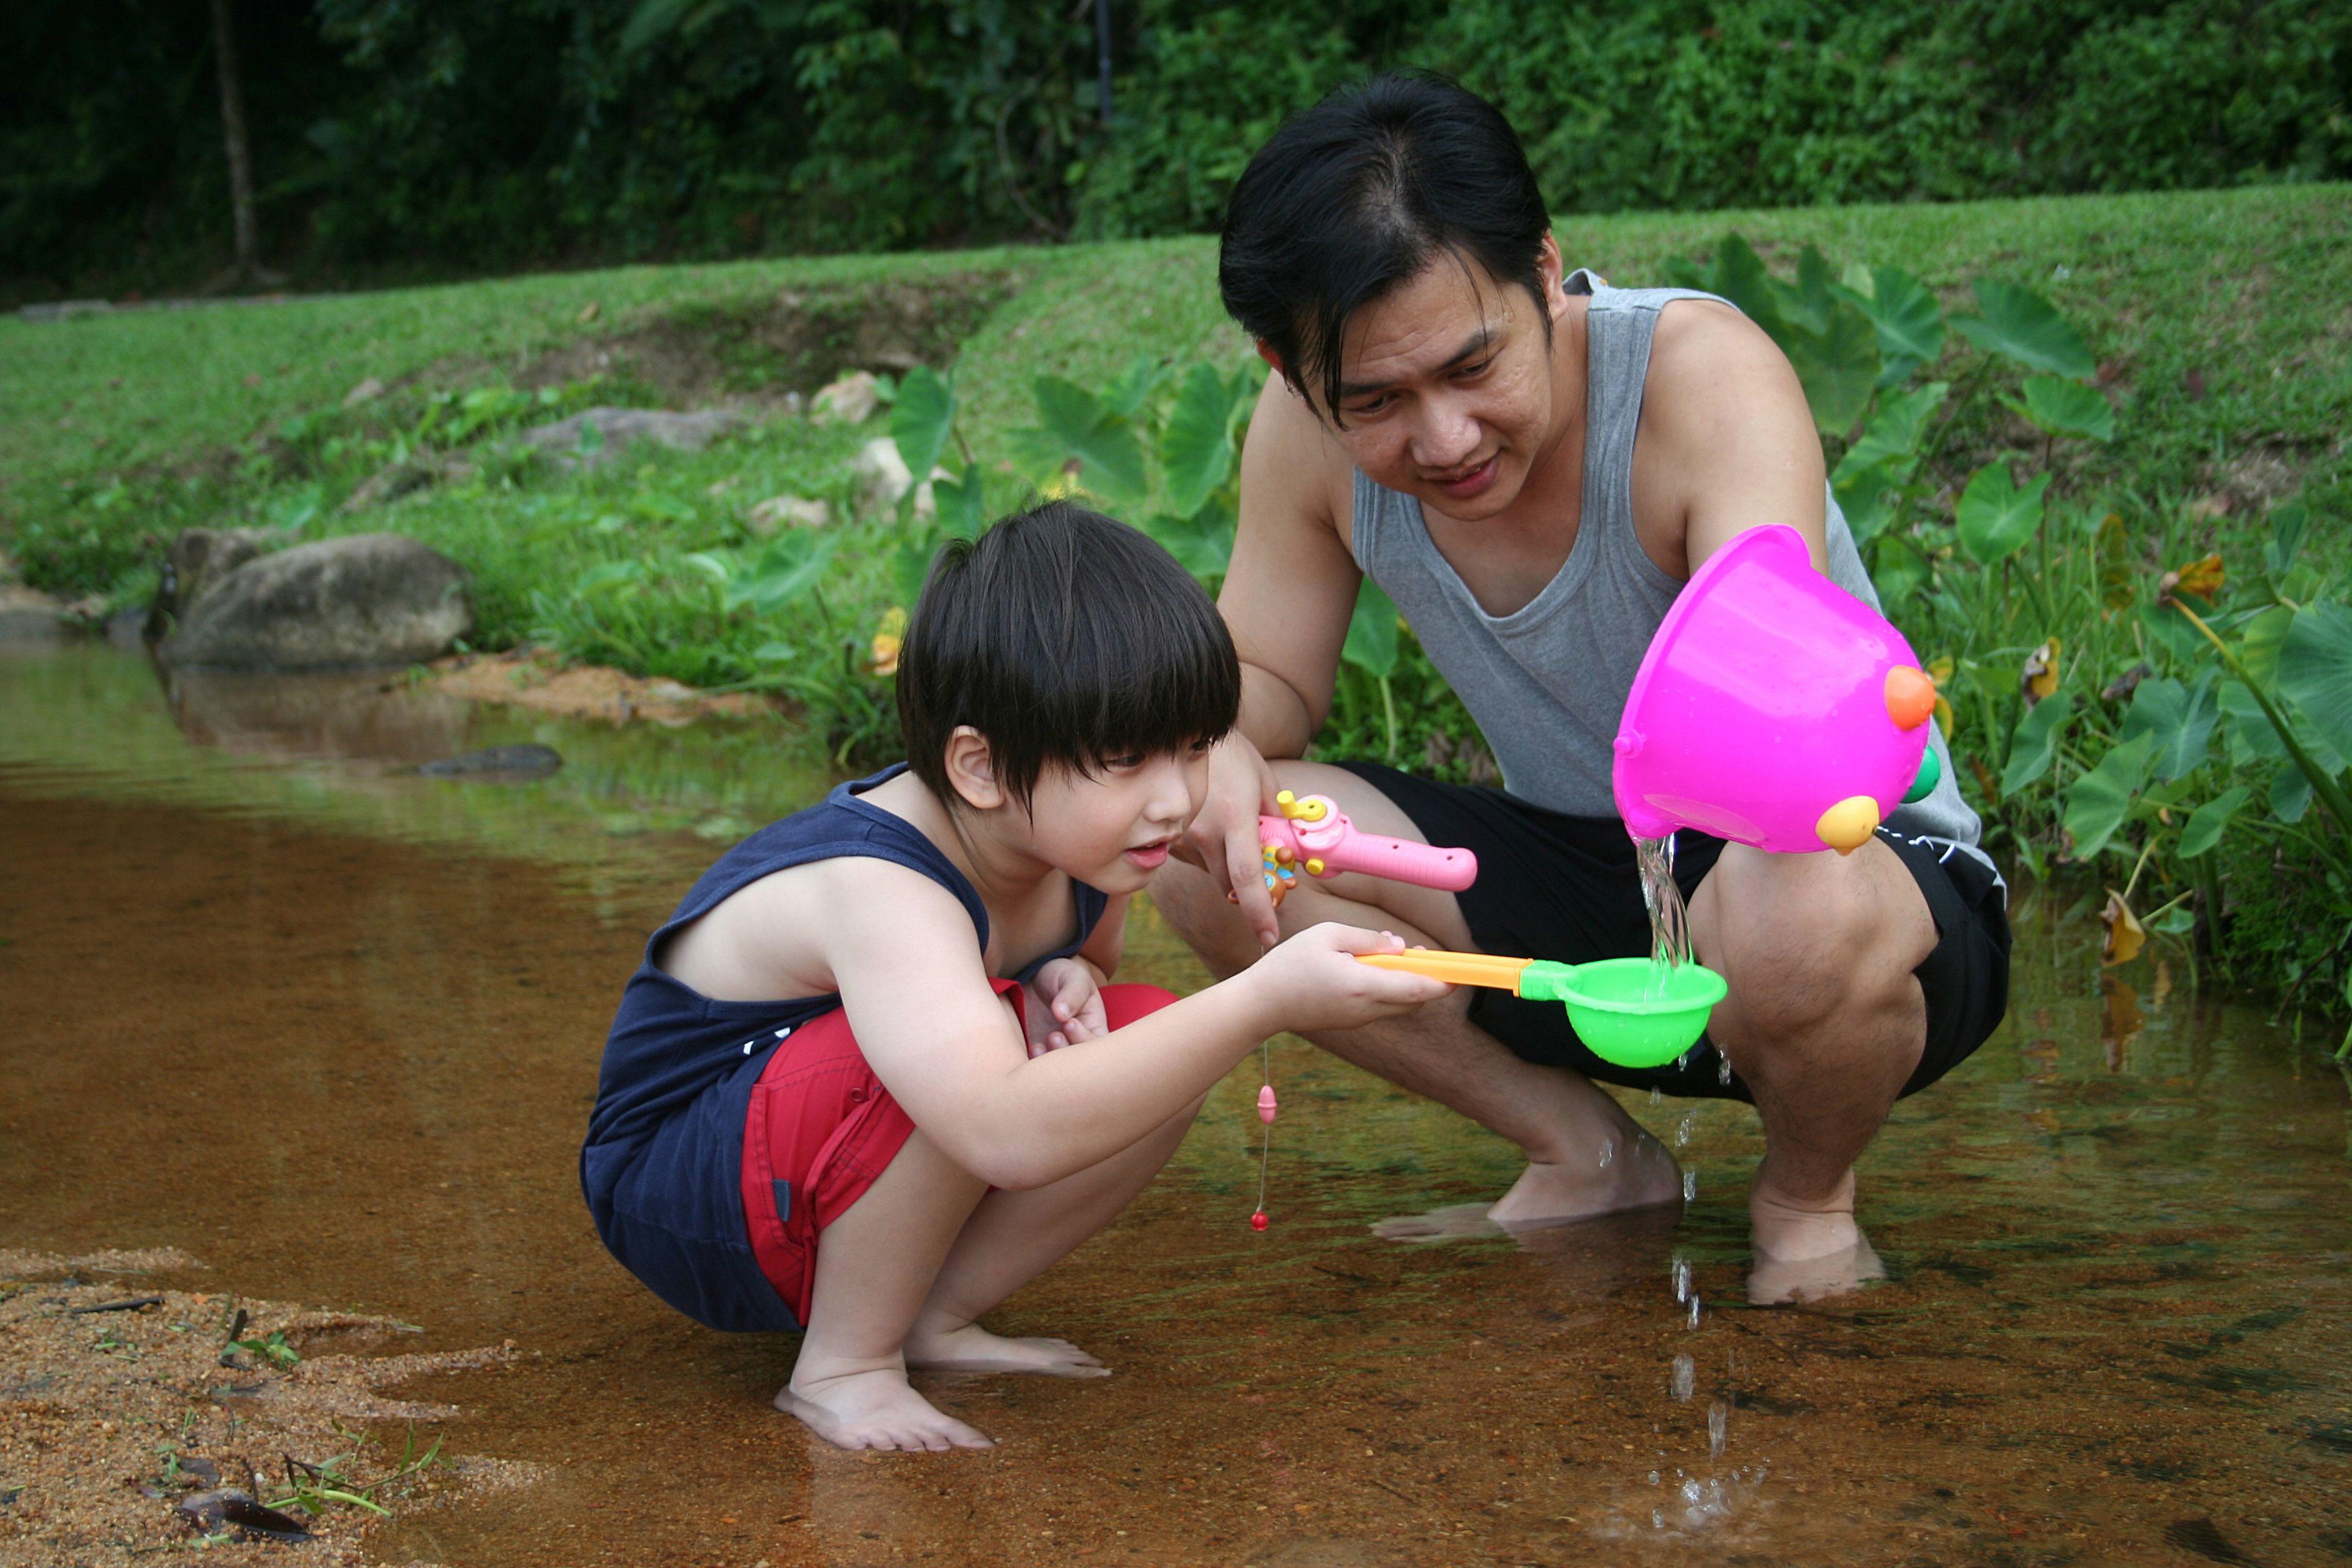 20 เทคนิคเพื่อคุณพ่อ สร้างสัมพันธ์ครอบครัว thaihealth